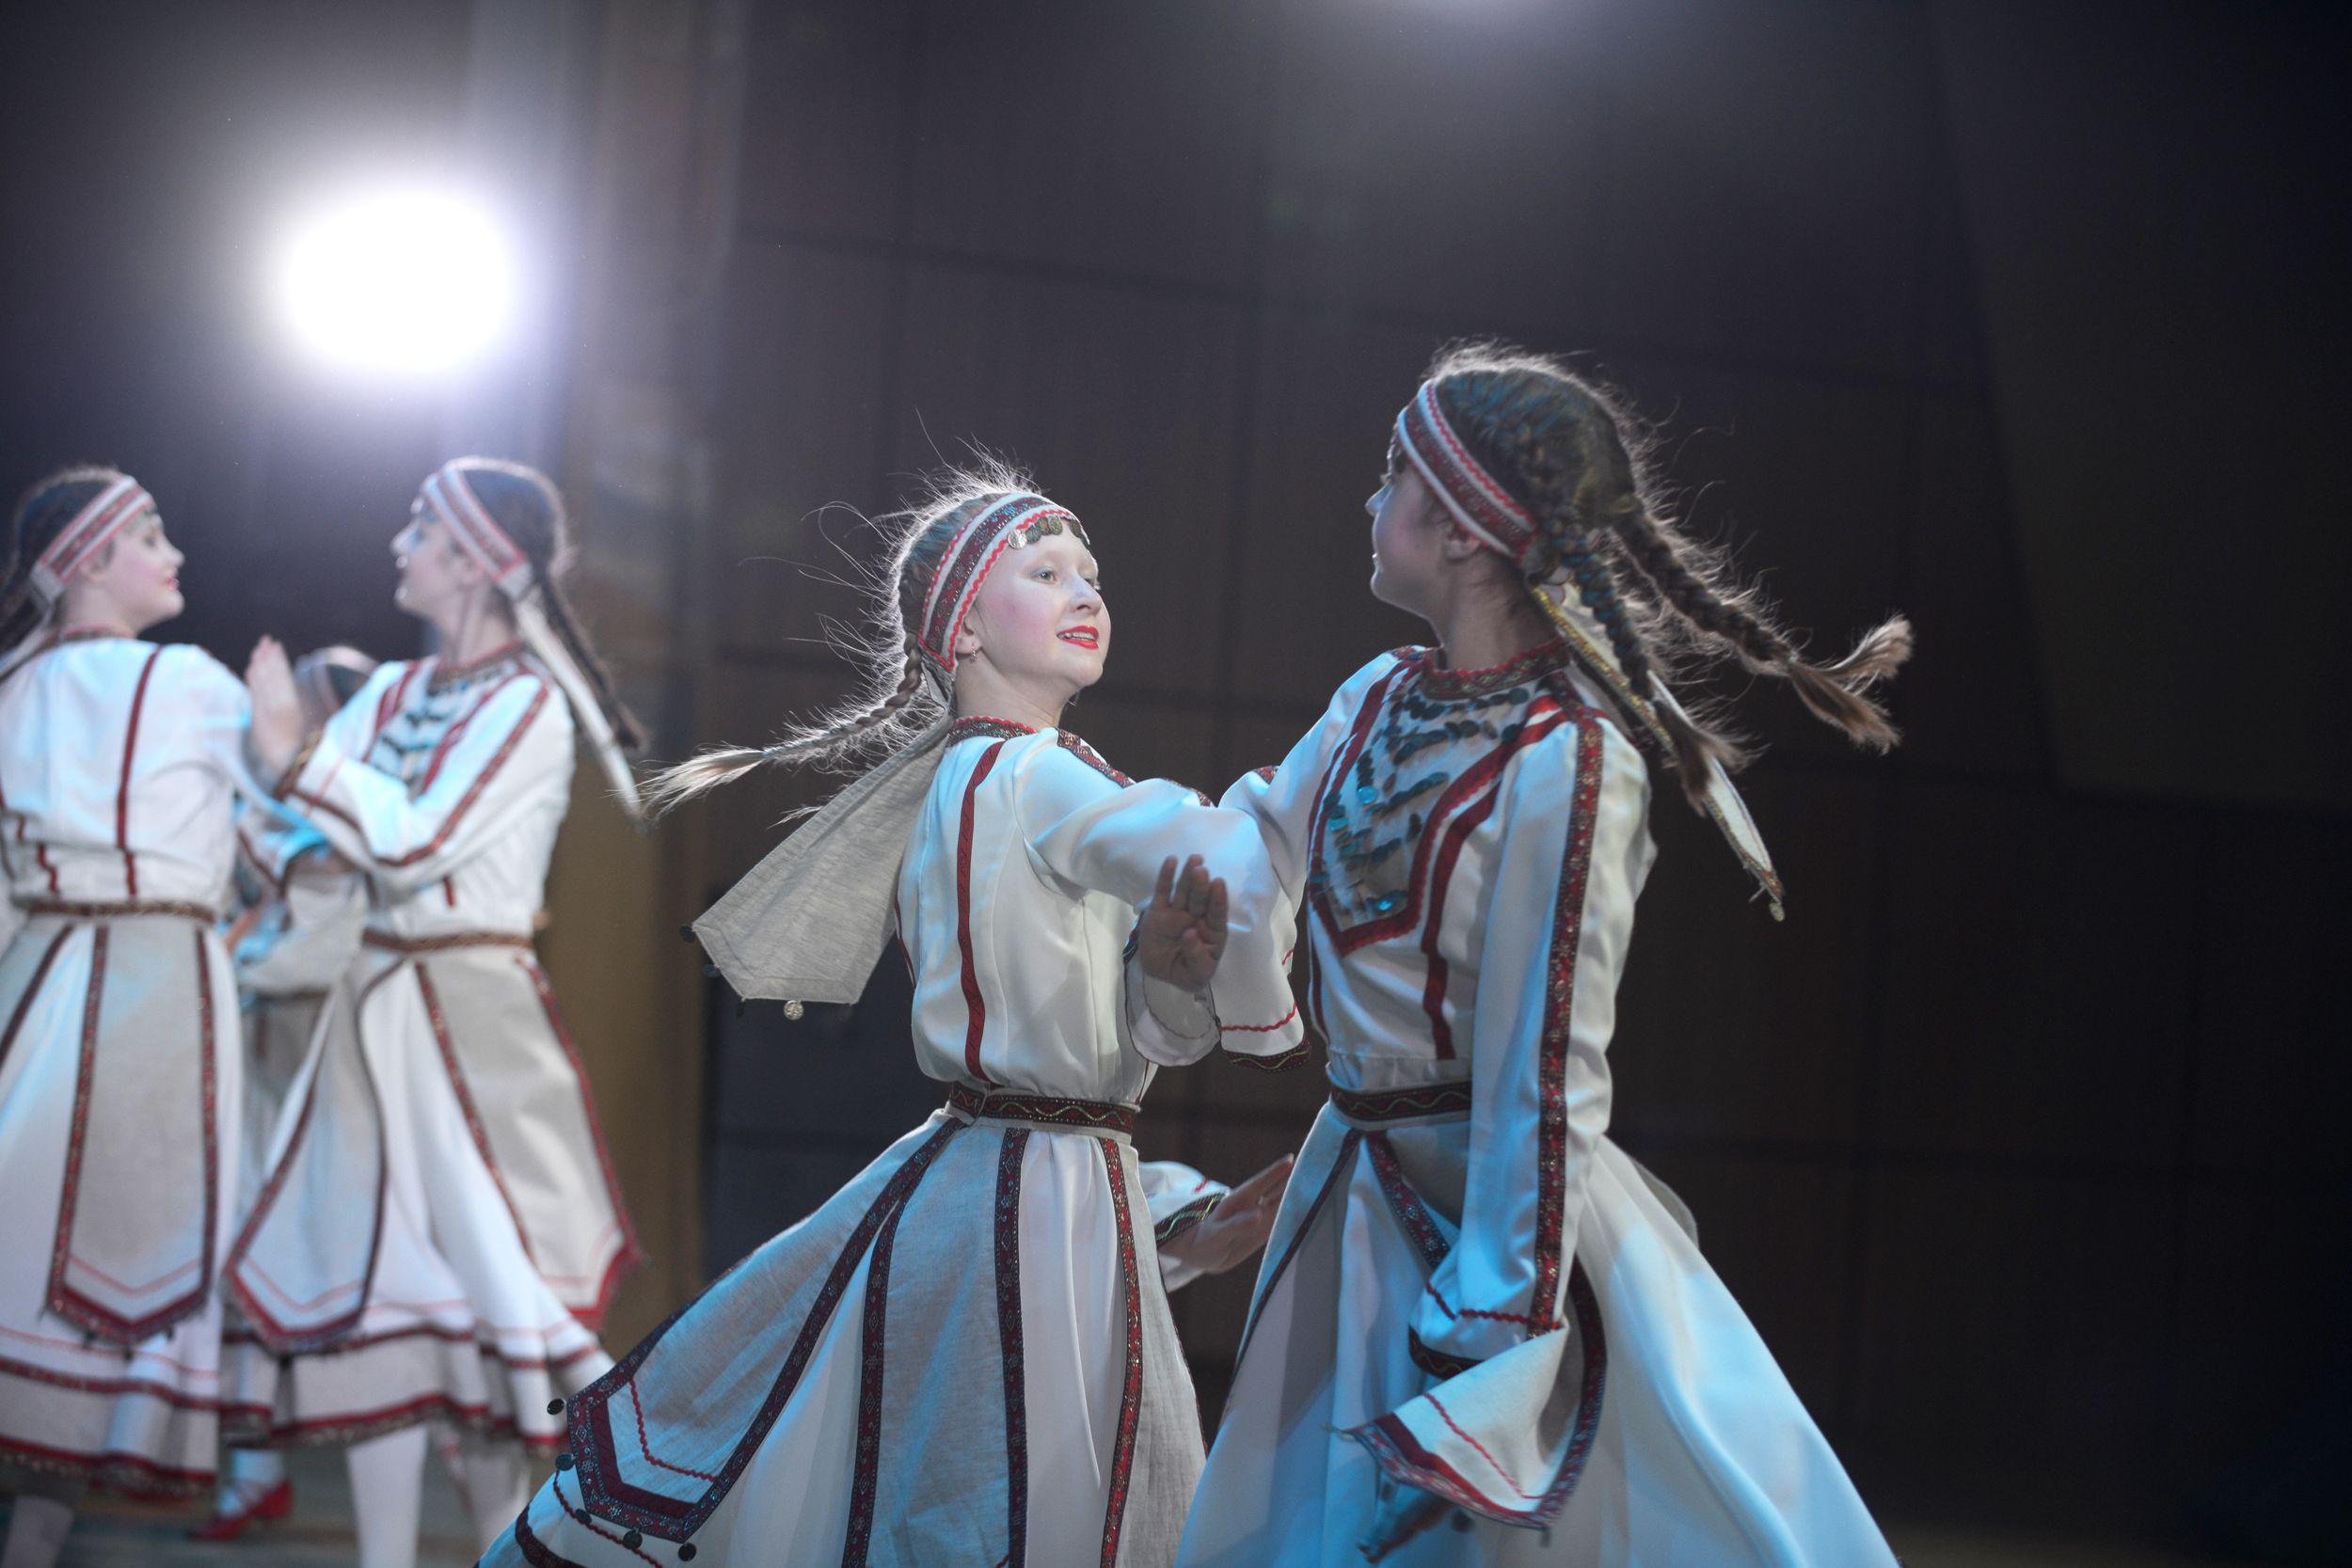 Пульсом бьет бит: танцевальный концерт состоится в «Москворечье»